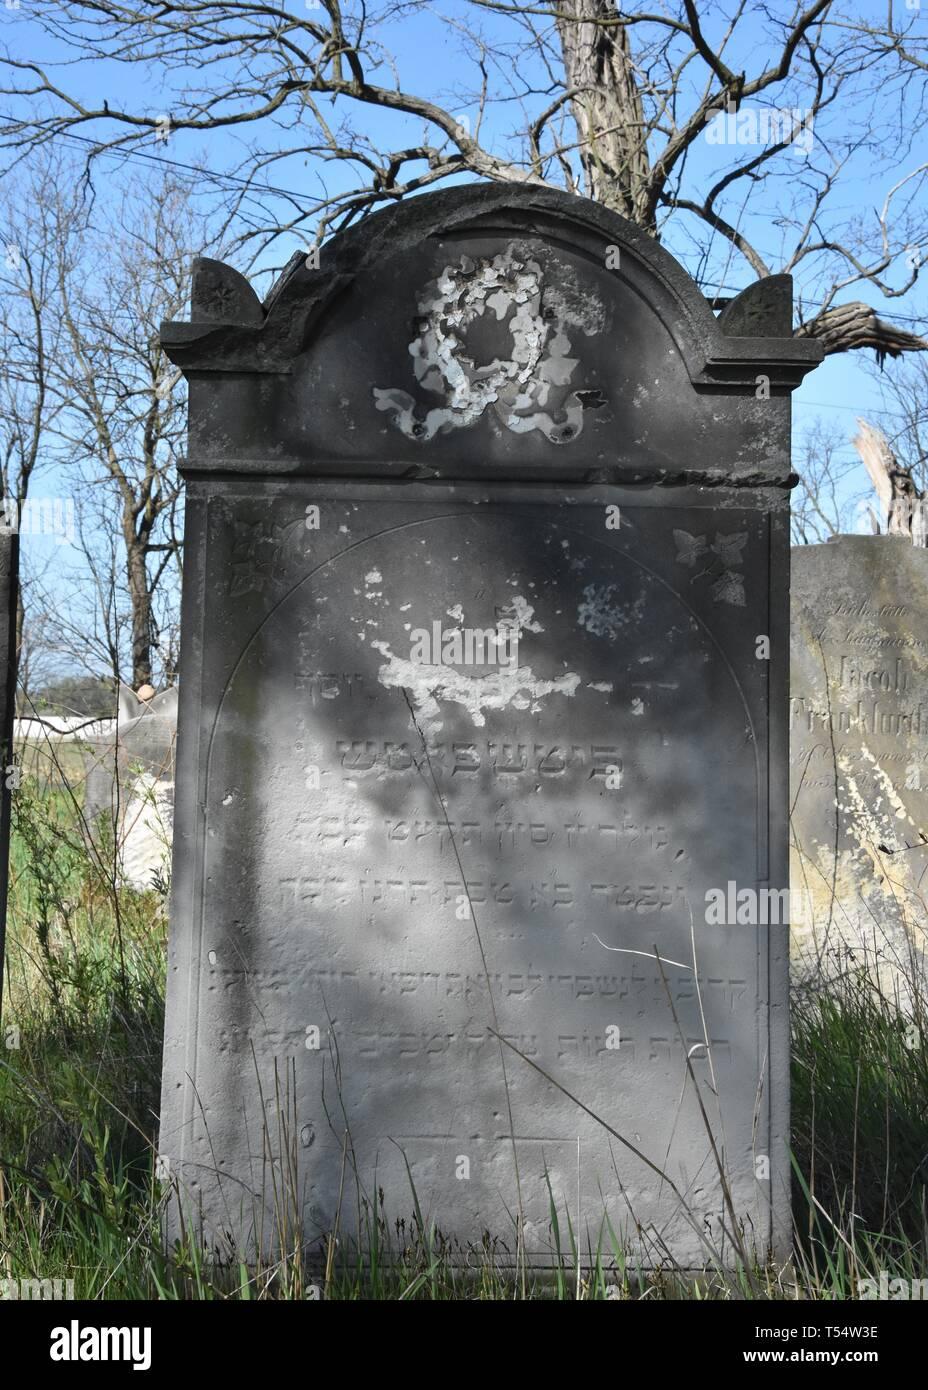 Scinawa, Polska. 21 abr, 2019. En Scinawa descuidado cementerio judío en Polonia. Hay muchos de estos cementerios en Polonia. Las autoridades locales sólo siegue la hierba, y es ahí donde el lugar cuidados relacionados con los judíos que vivían en Scinawa antes de que termine la guerra Crédito: Piotr Twardysko-Wierzbicki/Zuma alambre/Alamy Live News Imagen De Stock